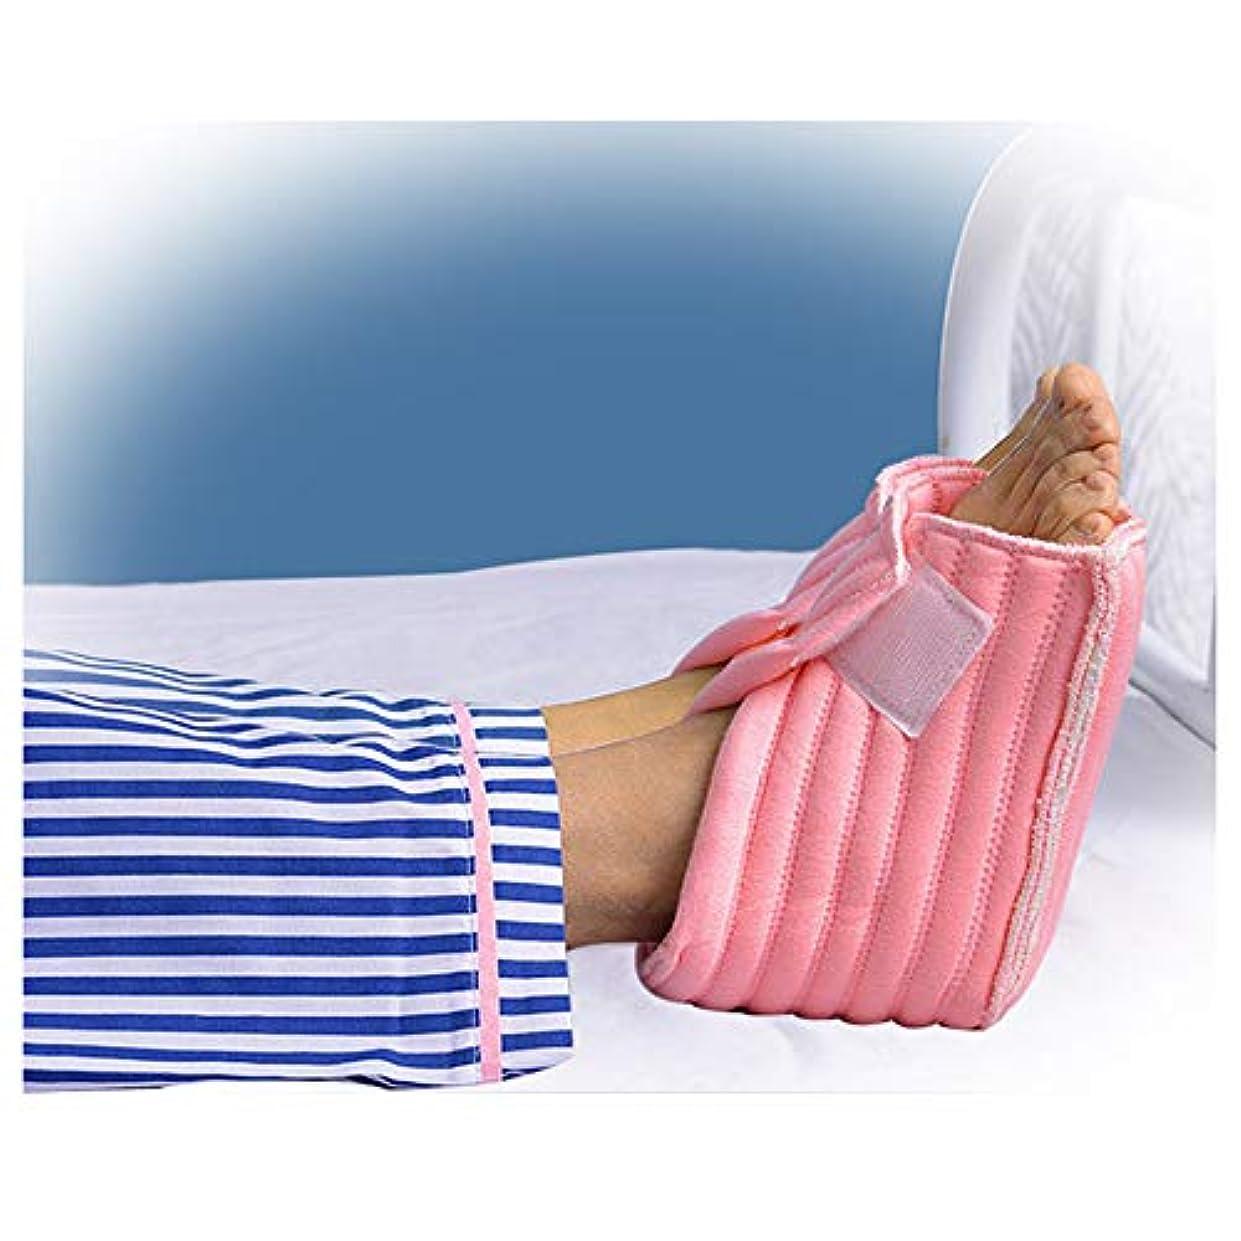 リンスこどもの日船酔いヒールプロテクター枕、足首サポート枕フットプロテクション、足枕、1ペア、ピンク